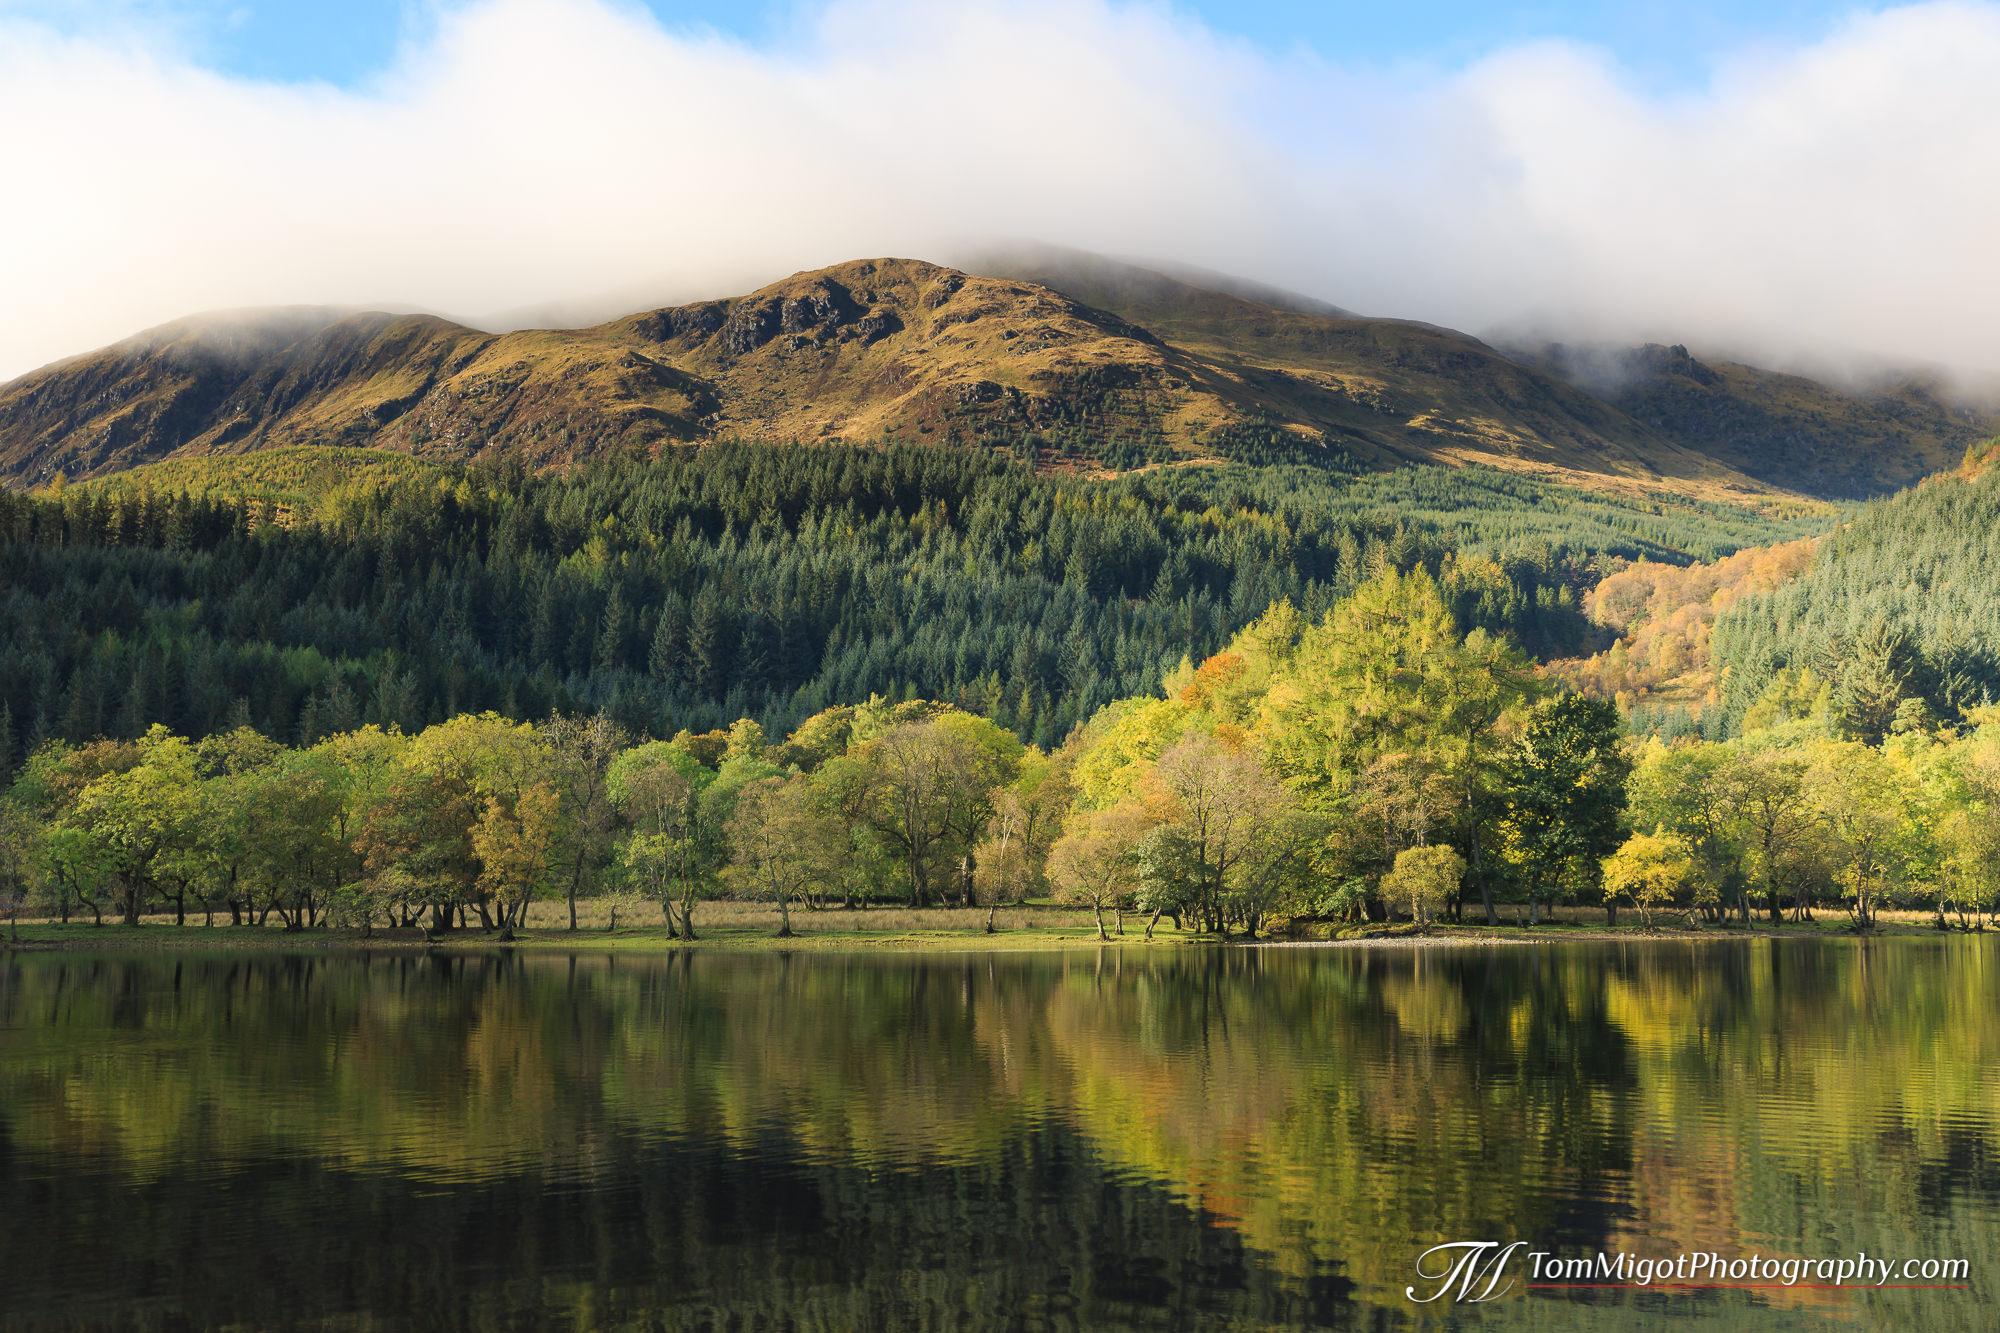 Le Loch Lubnaig dans le parc national du Loch Lomond et des Trossachs photographié à l'automne